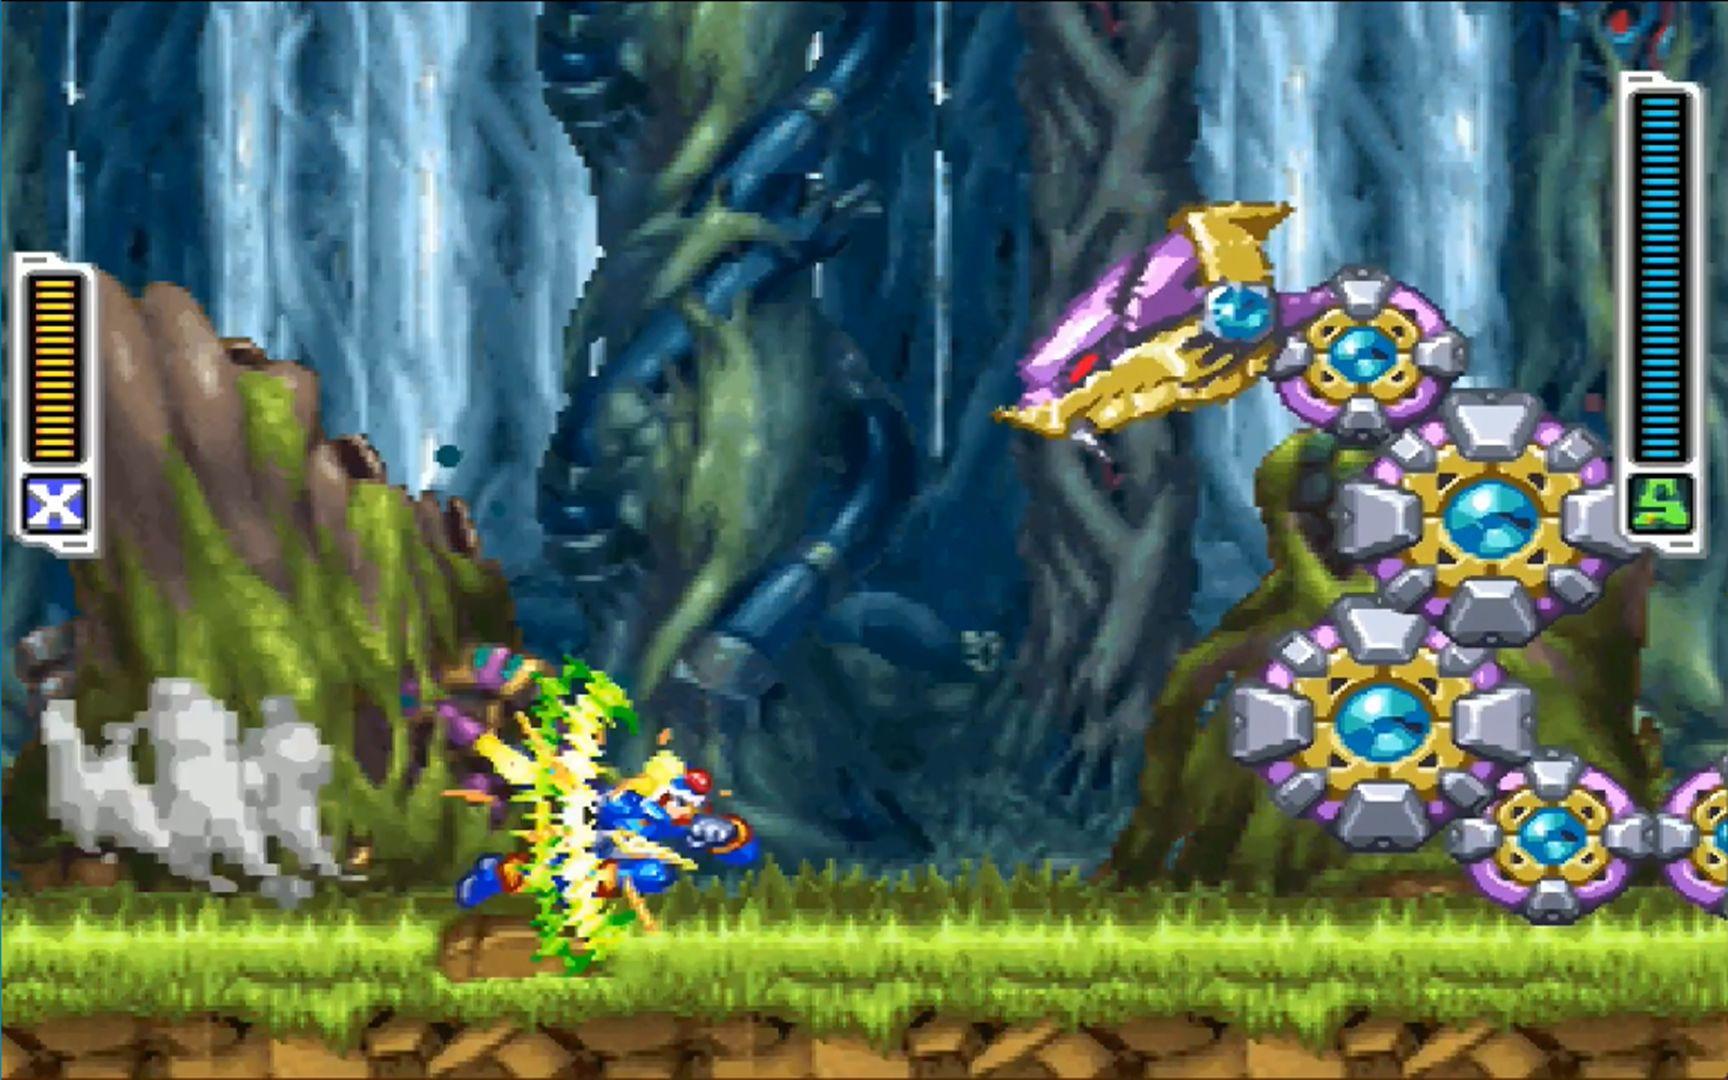 【神棍解说】《洛克人ZX》通关攻略01 X与Z的融合